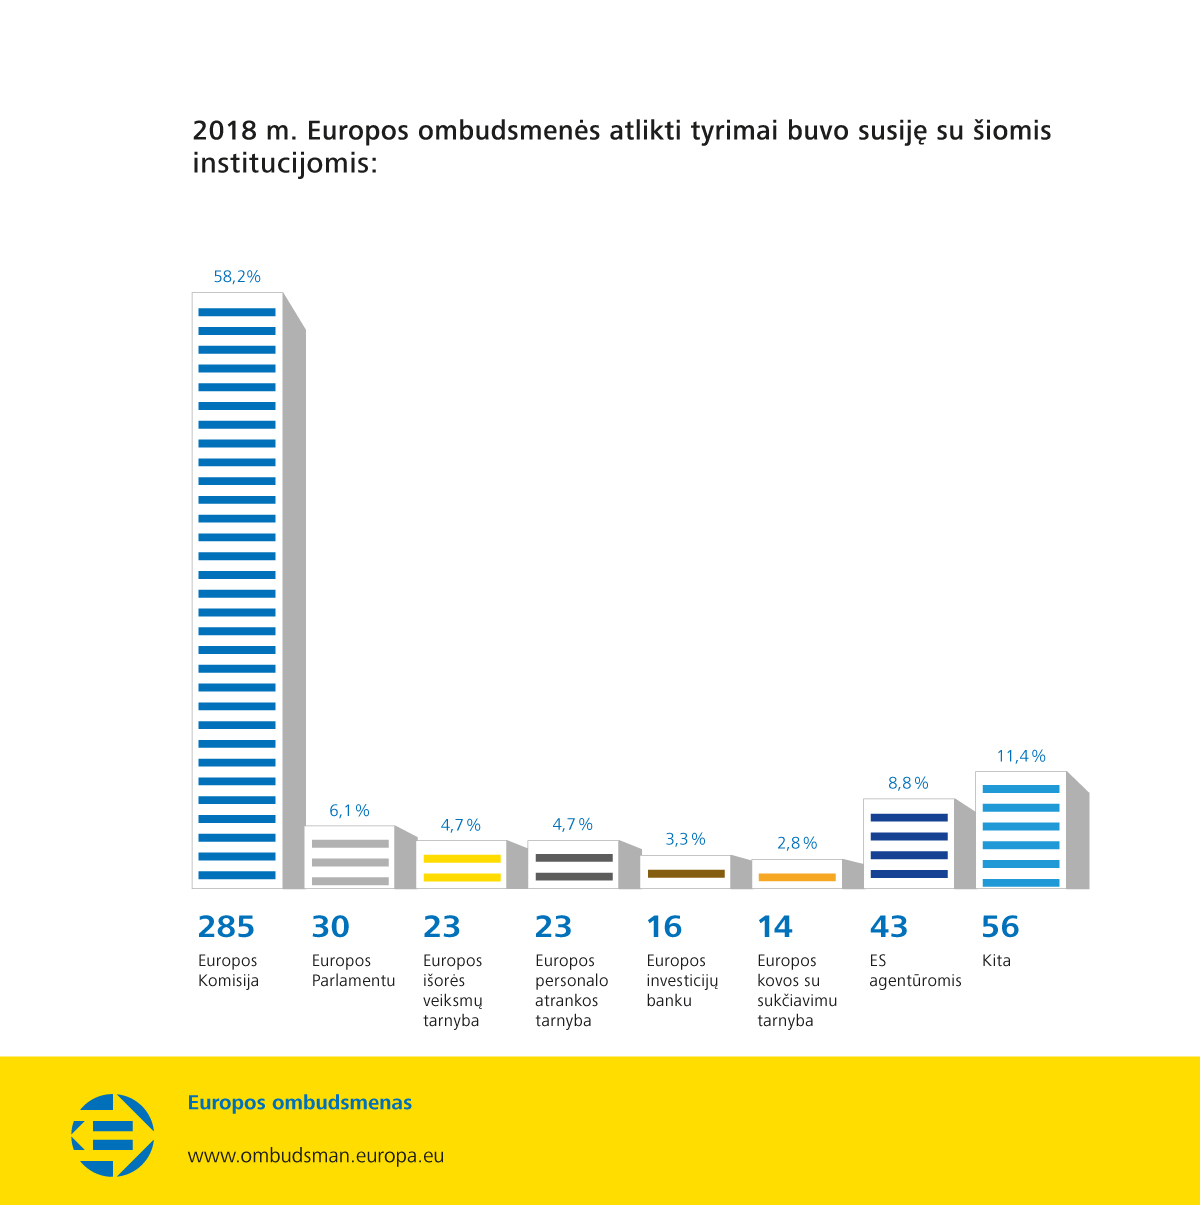 2018 m. Europos ombudsmenës atlikti tyrimai buvo susijæ su ðiomis institucijomis: